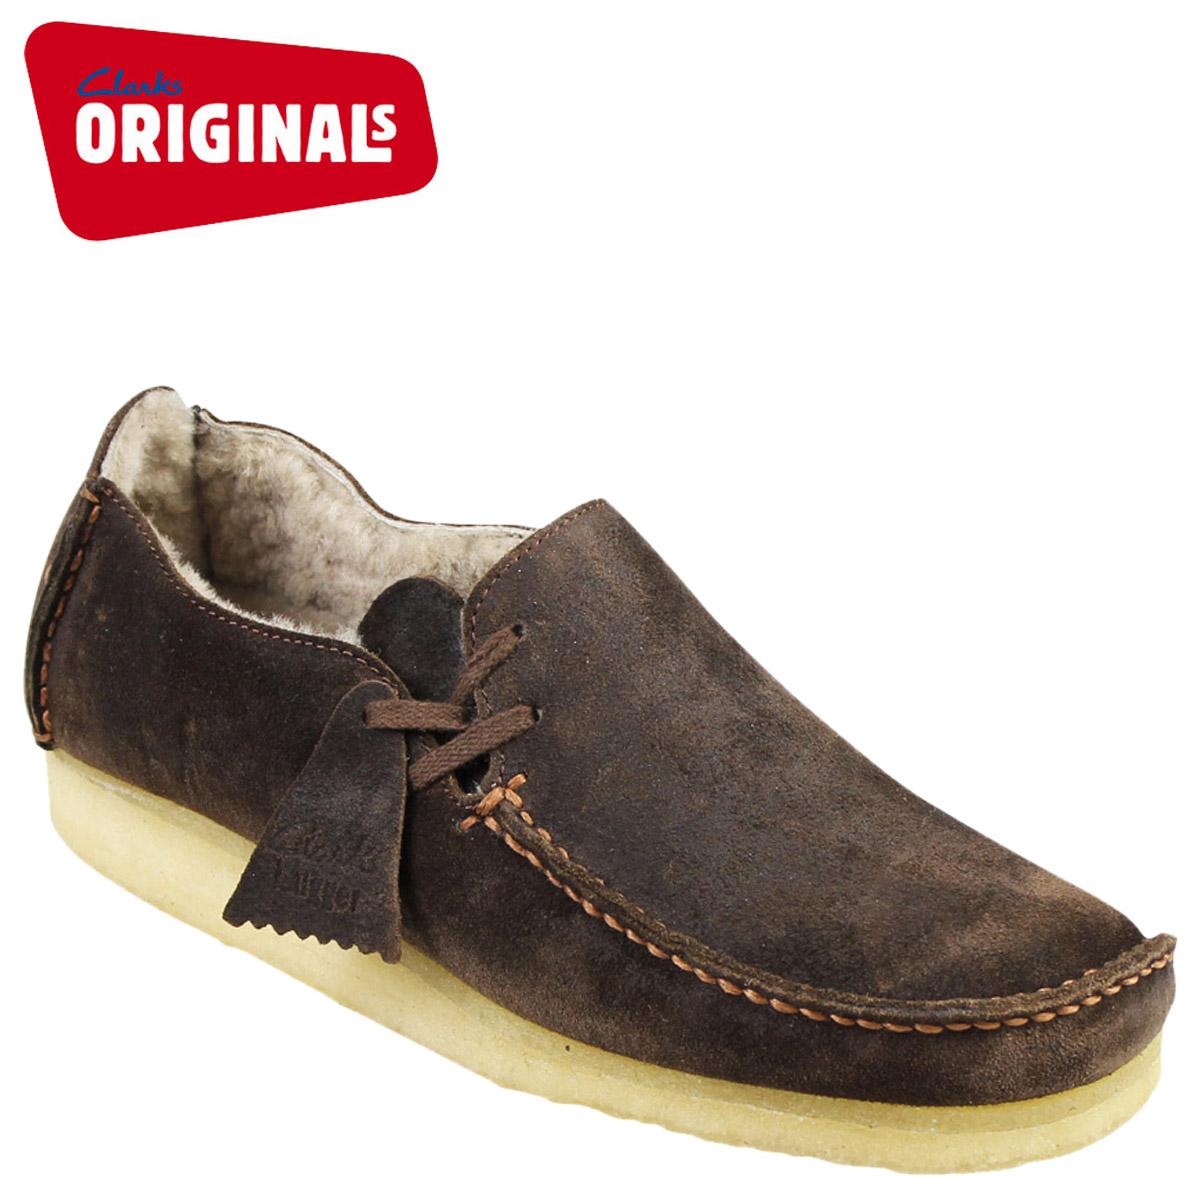 6aa45829af43 Sneak Online Kulaki Slip Ons Men Clarks Originals Shoes Lugger